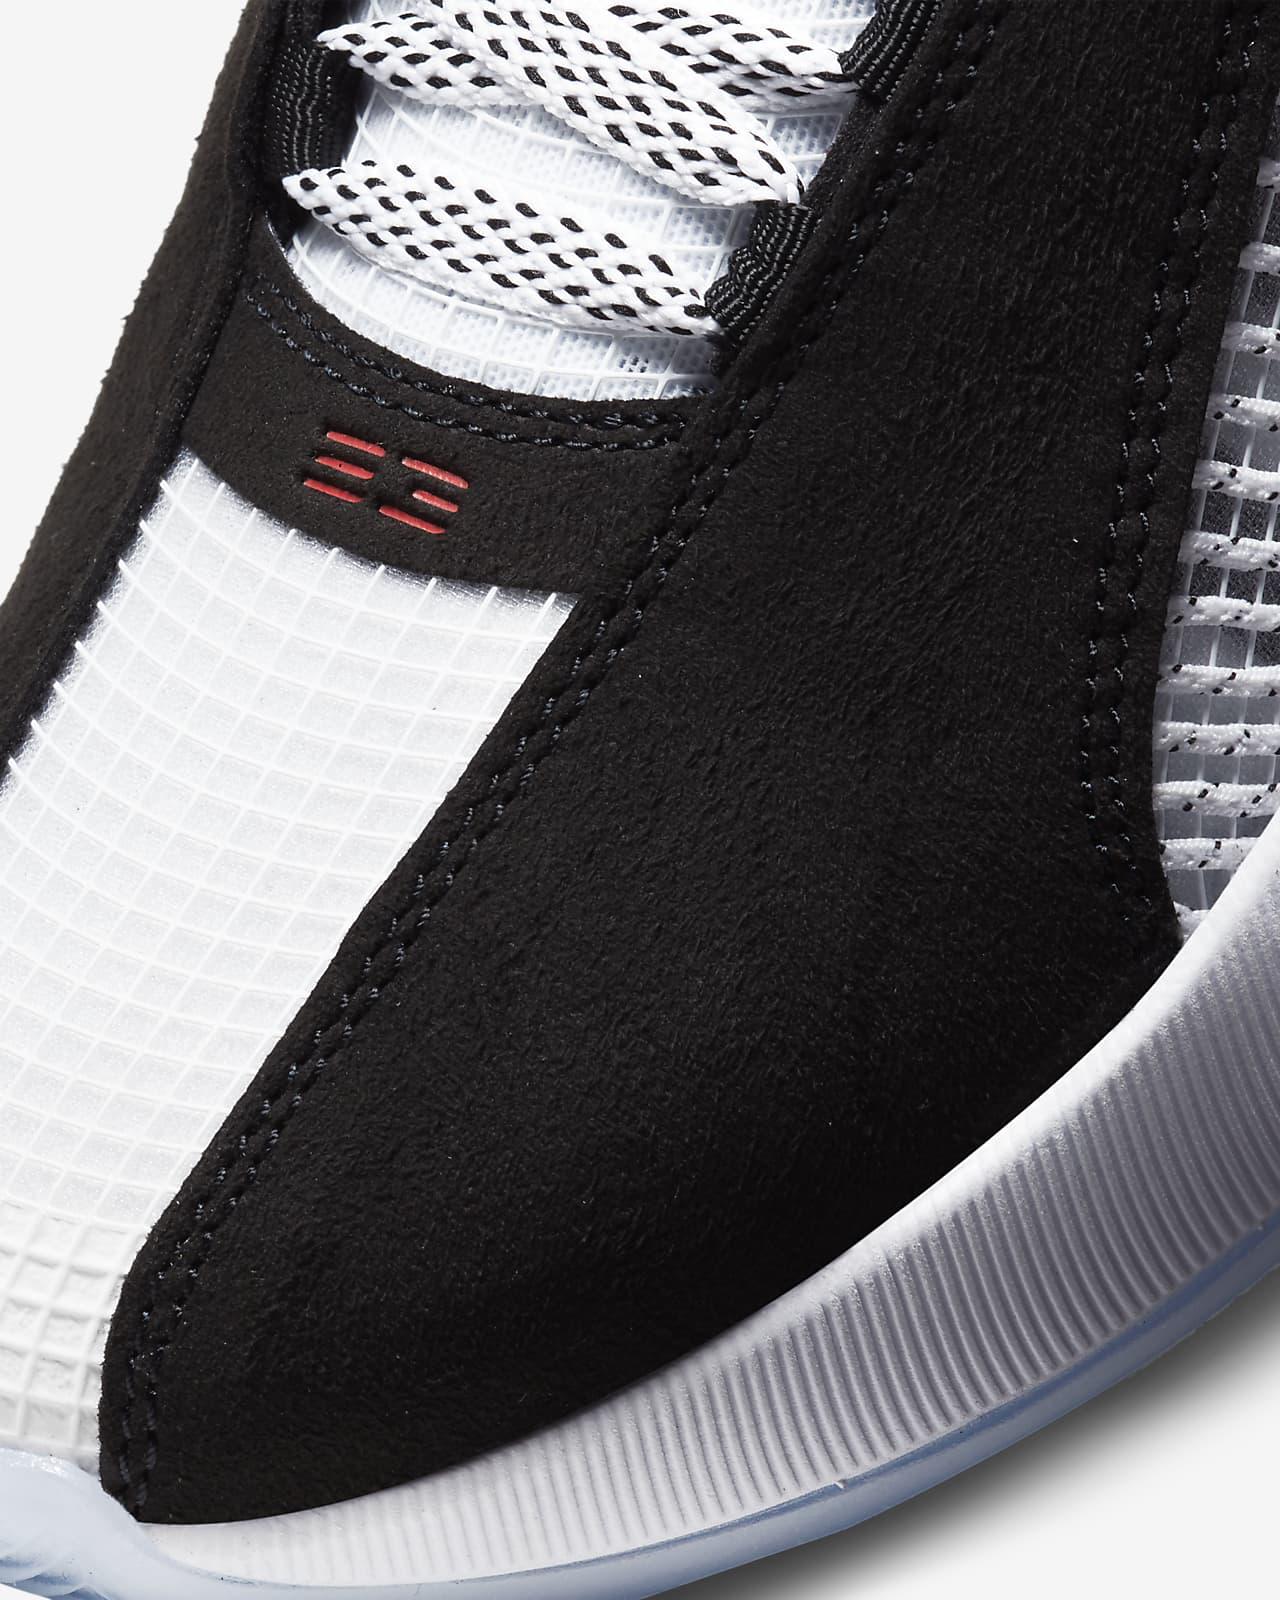 Chaussure de basketball Air Jordan XXXV « DNA »